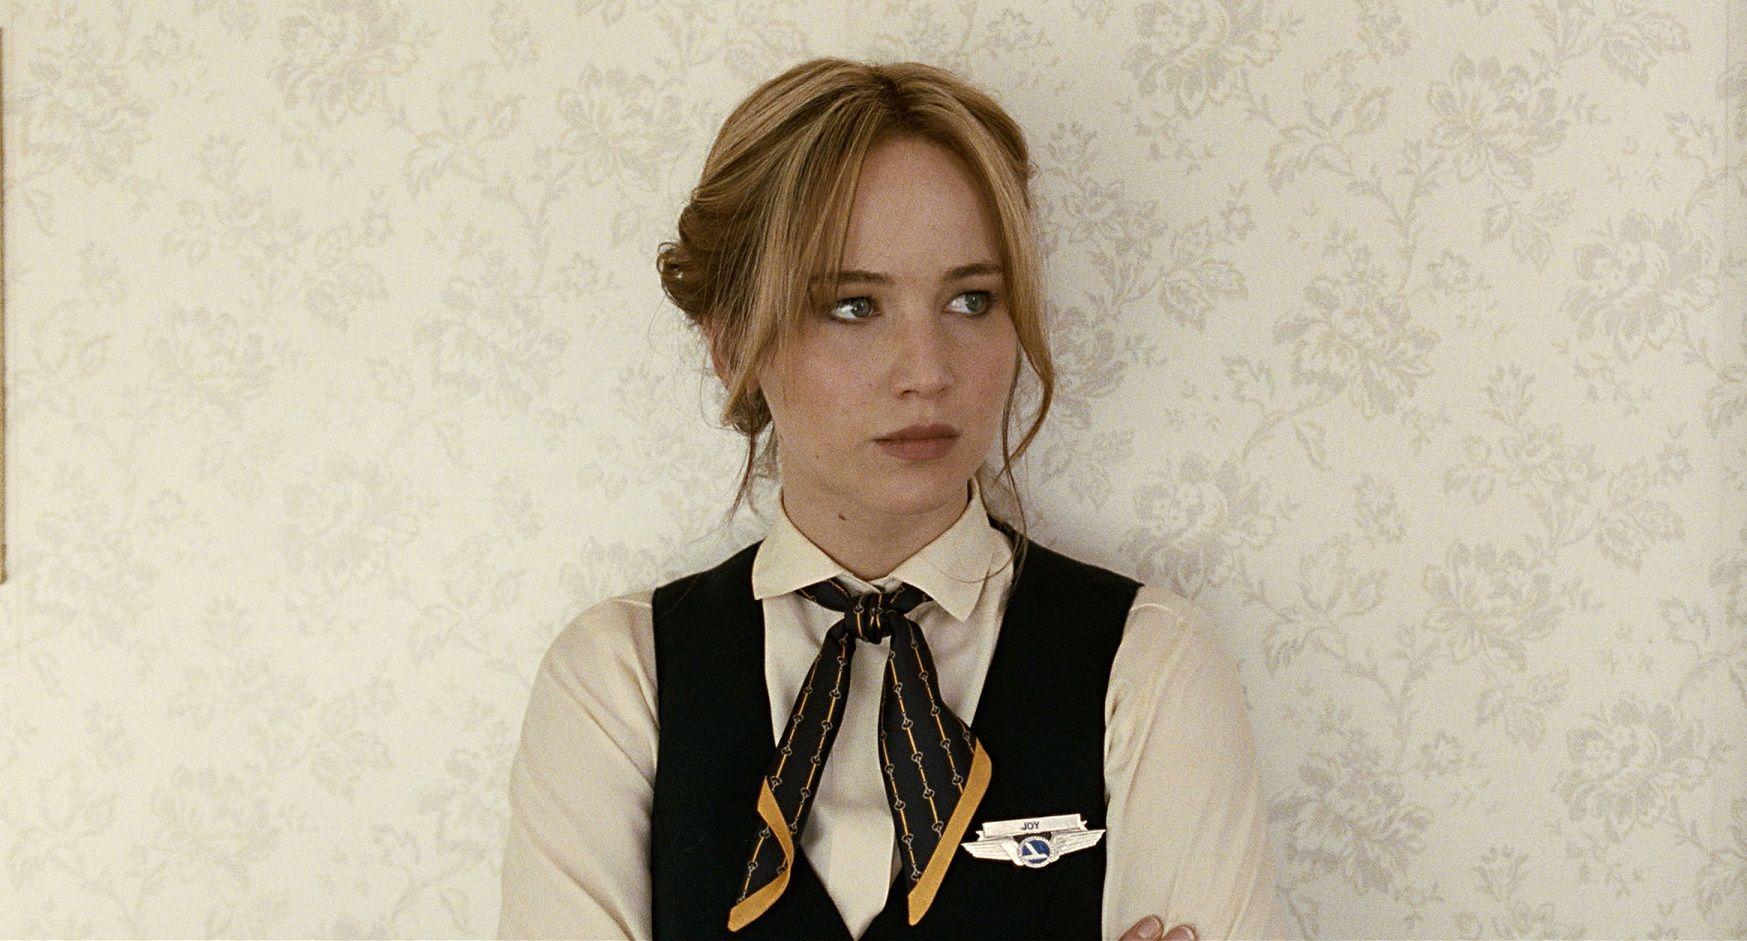 Joy, recensione del film con Jennifer Lawrence #1film1min